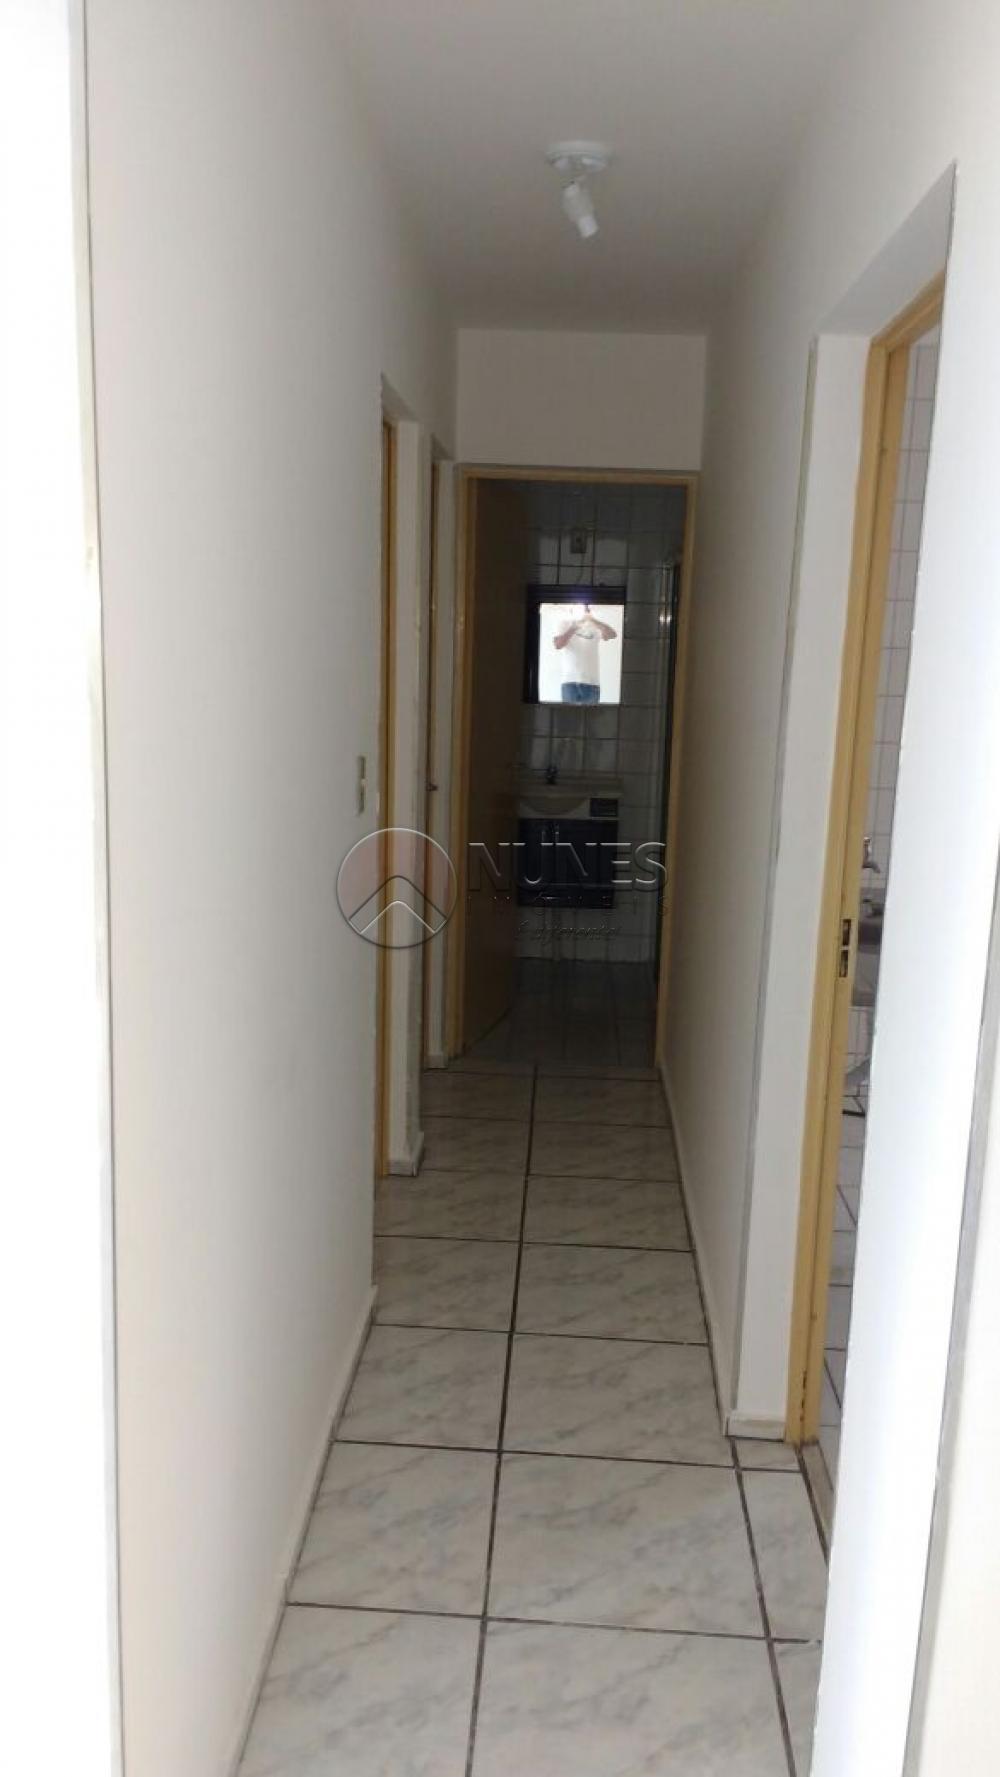 Comprar Apartamento / Padrão em São Paulo apenas R$ 199.000,00 - Foto 5